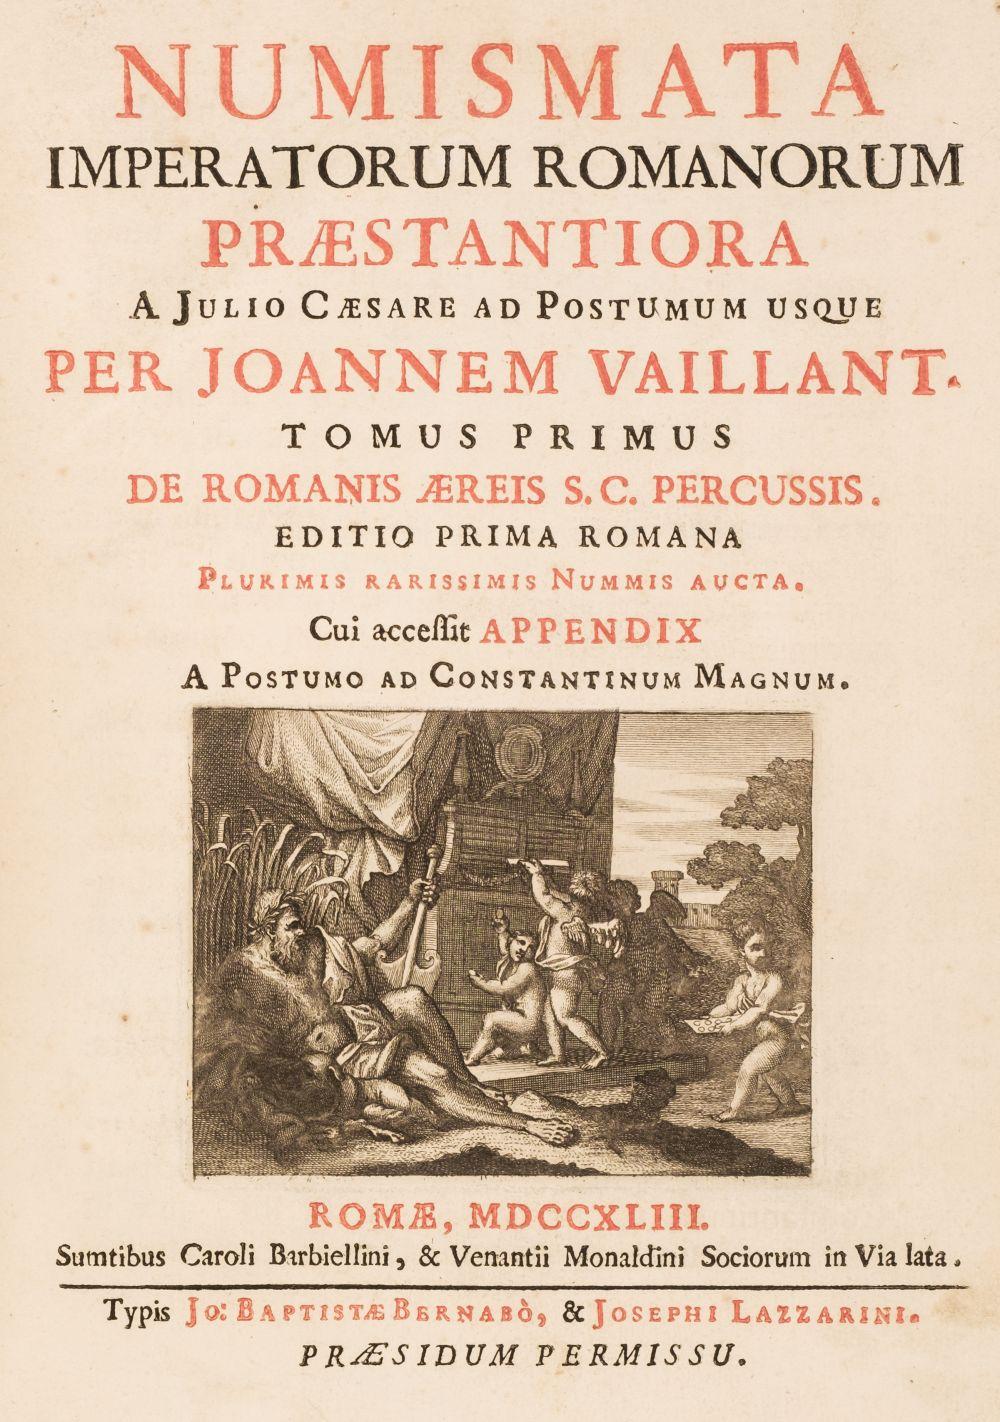 Foy-Vaillant (Jean). Numismata Imperatorum Romanorum praestantiora a Julio Caesare